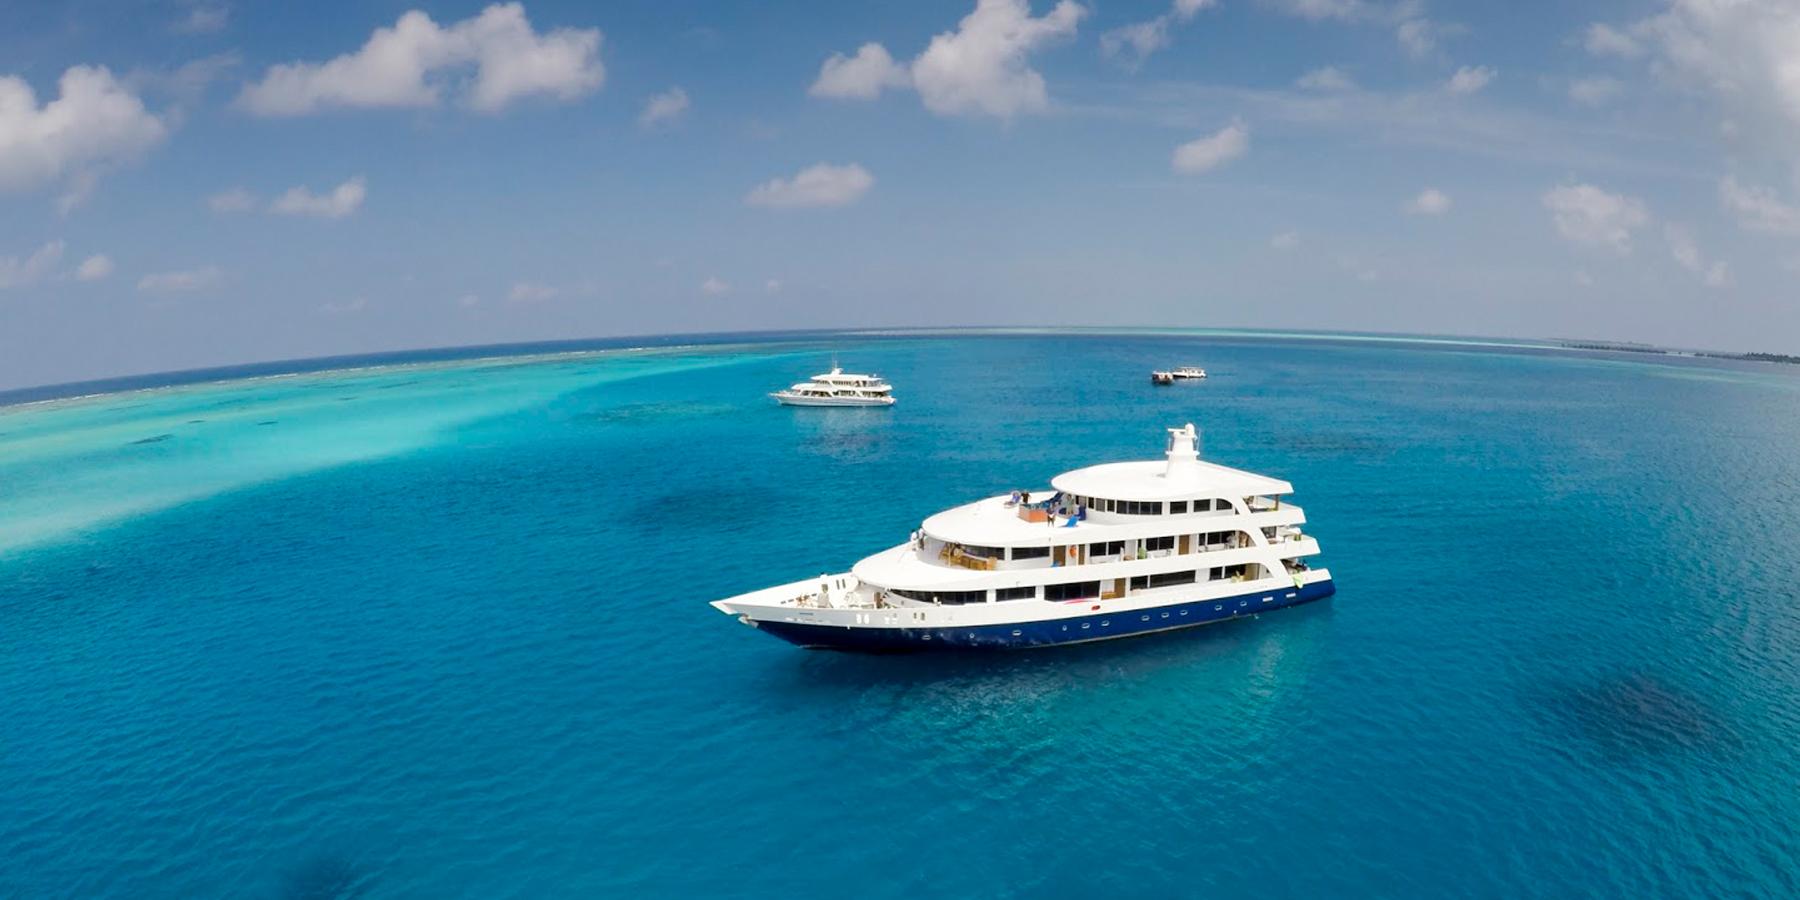 201511 mld soleil 2 ecran - Le Soleil 2 : un nouveau bateau pour découvrir les Maldives